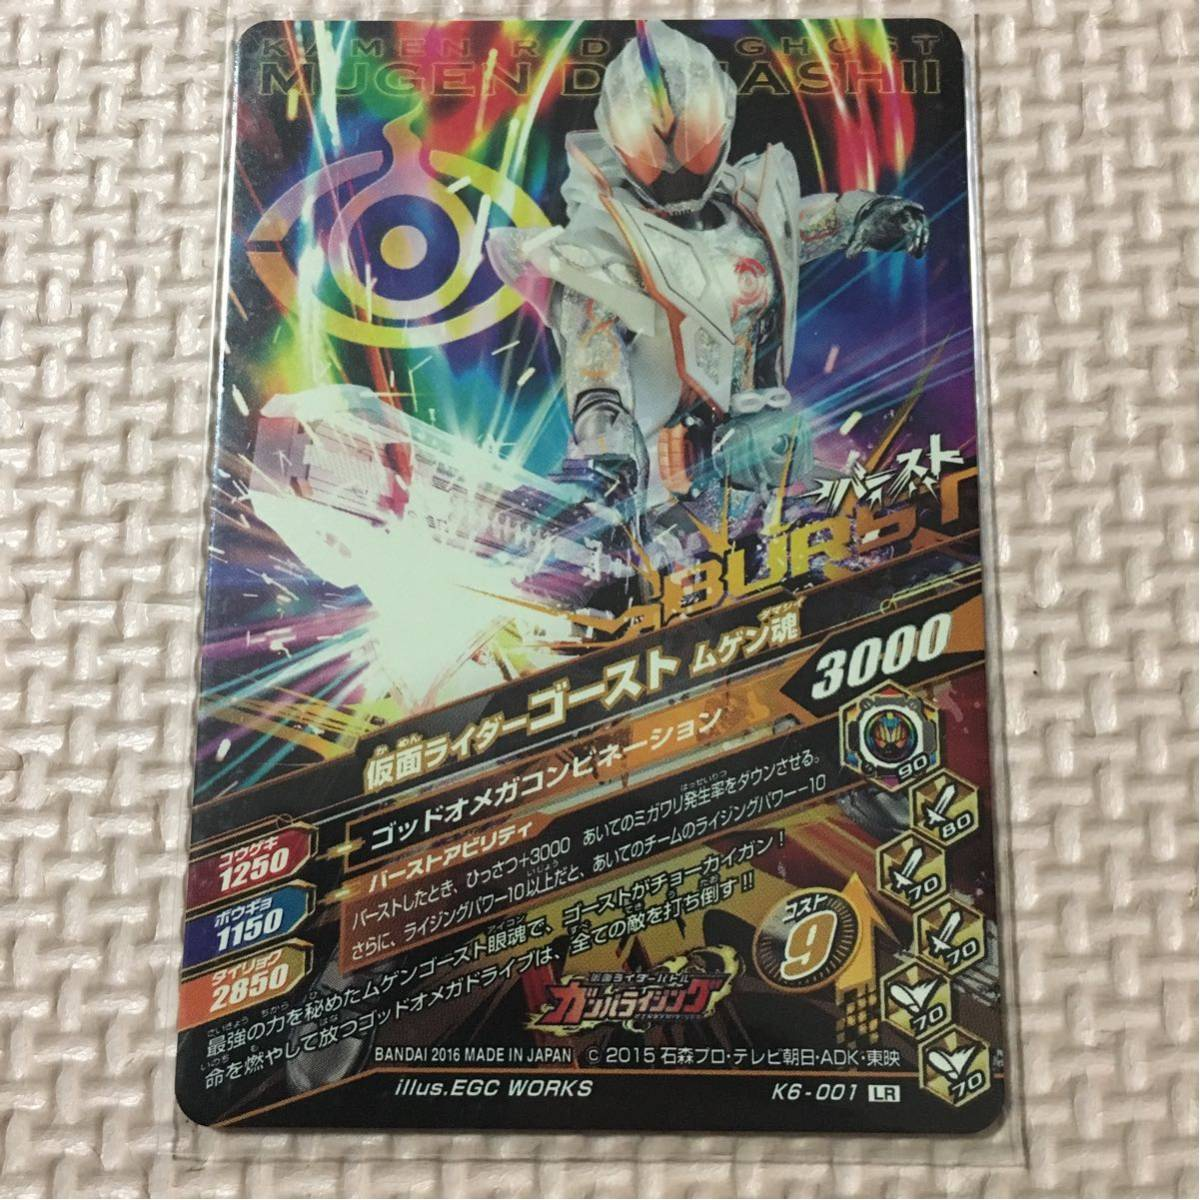 ガンバライジング K6弾 LR 仮面ライダーゴースト ムゲン魂_画像2